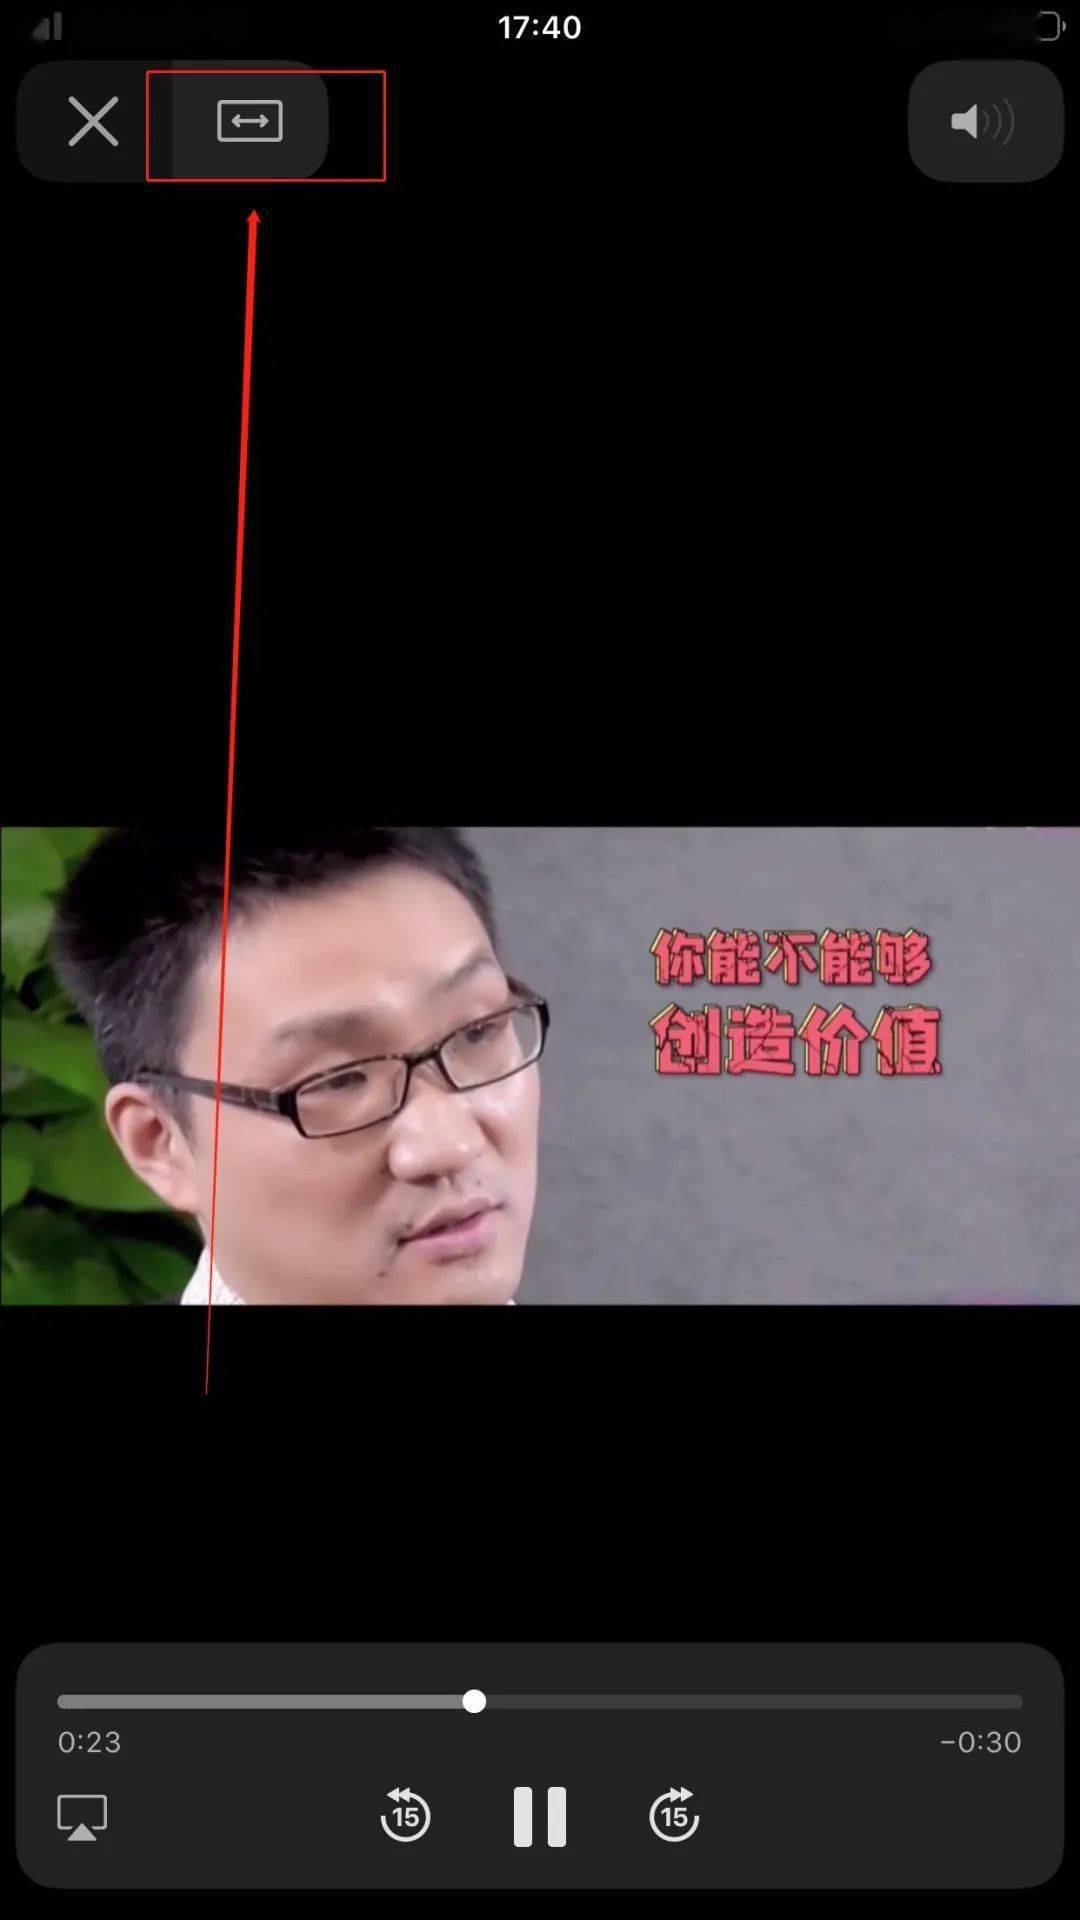 企业微信最新版本打通视频号,将释放新一轮私域玩法